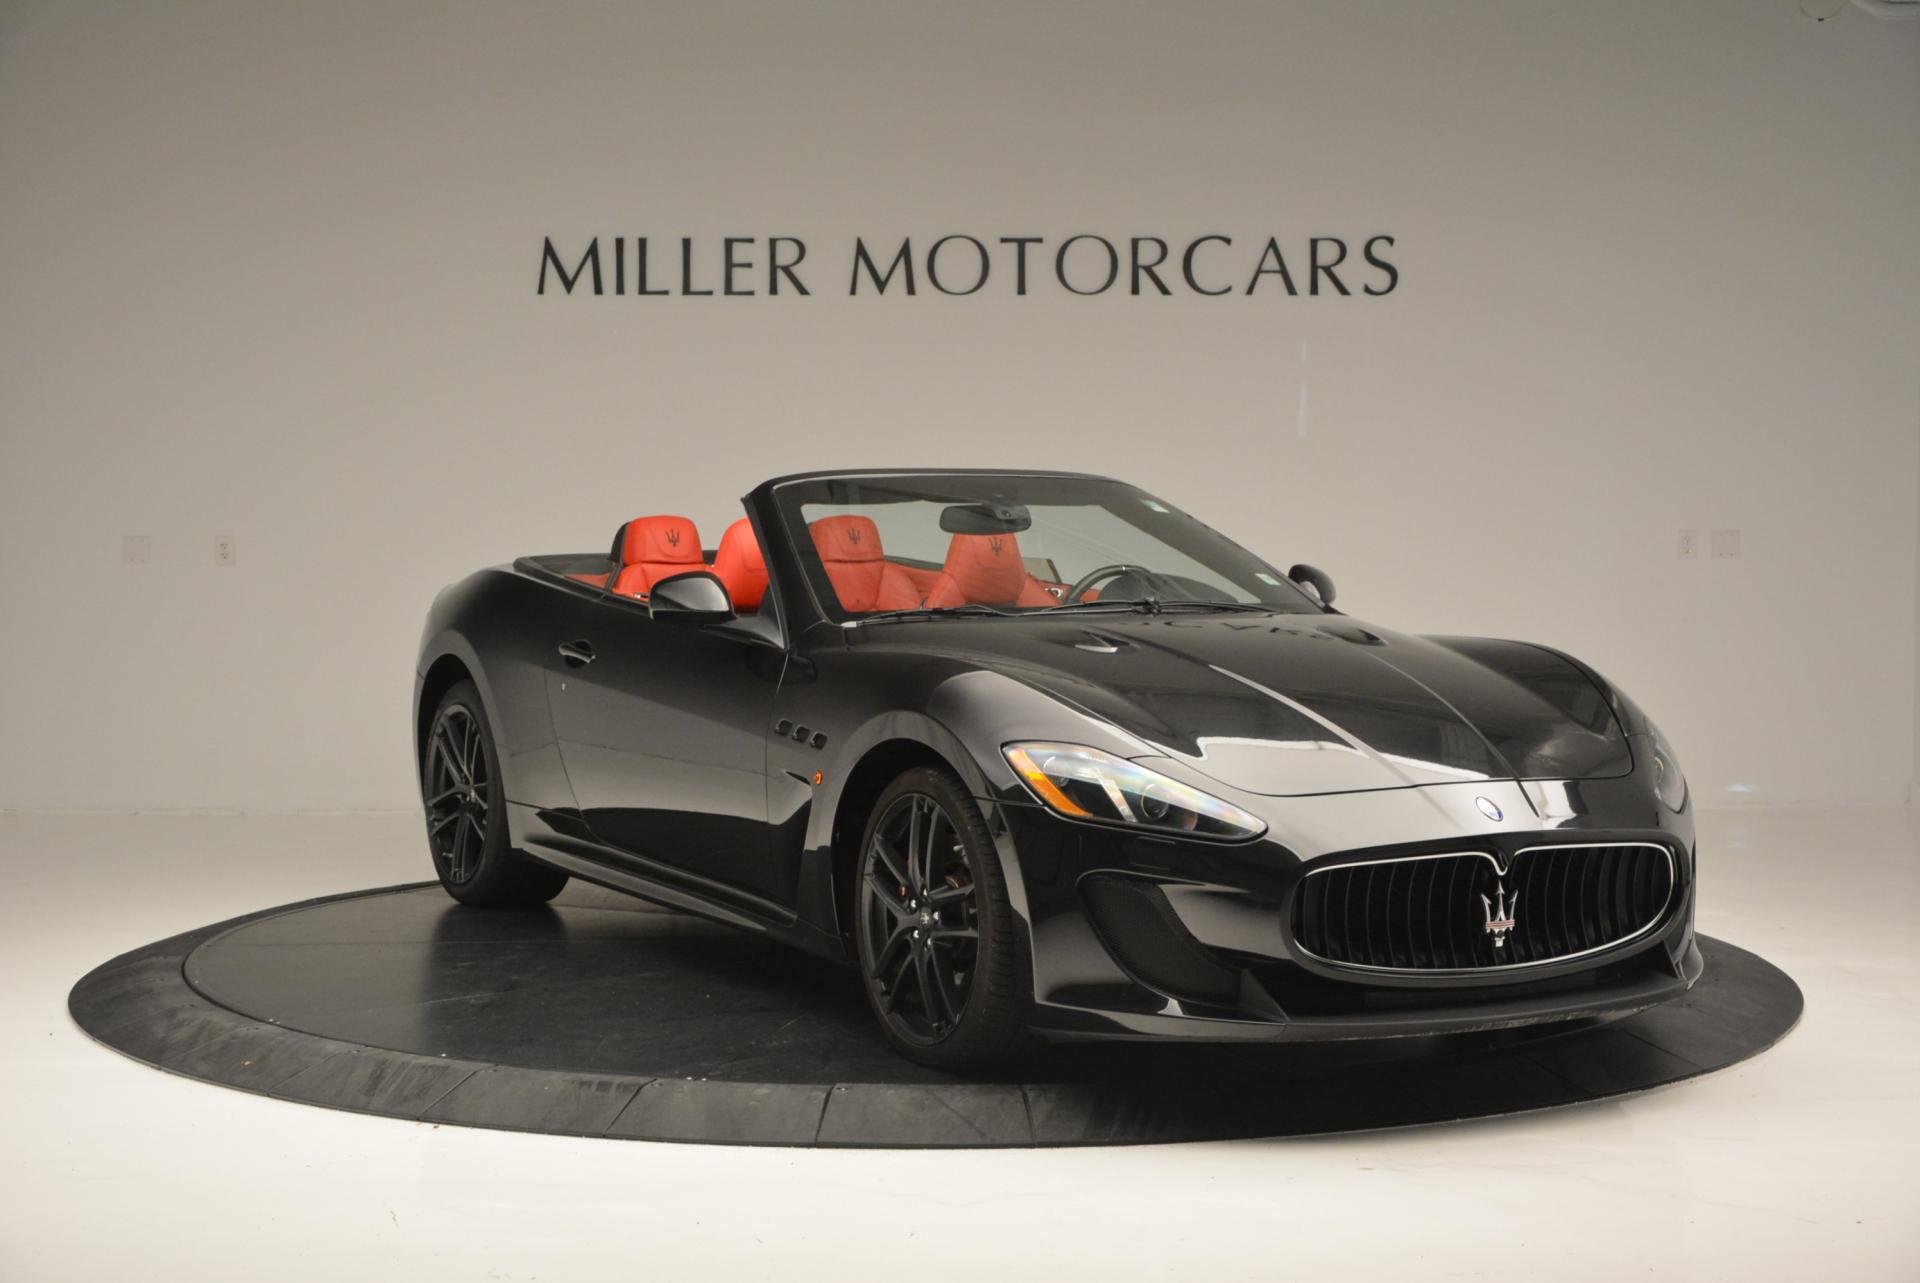 Used 2013 Maserati GranTurismo MC For Sale In Westport, CT 521_p11